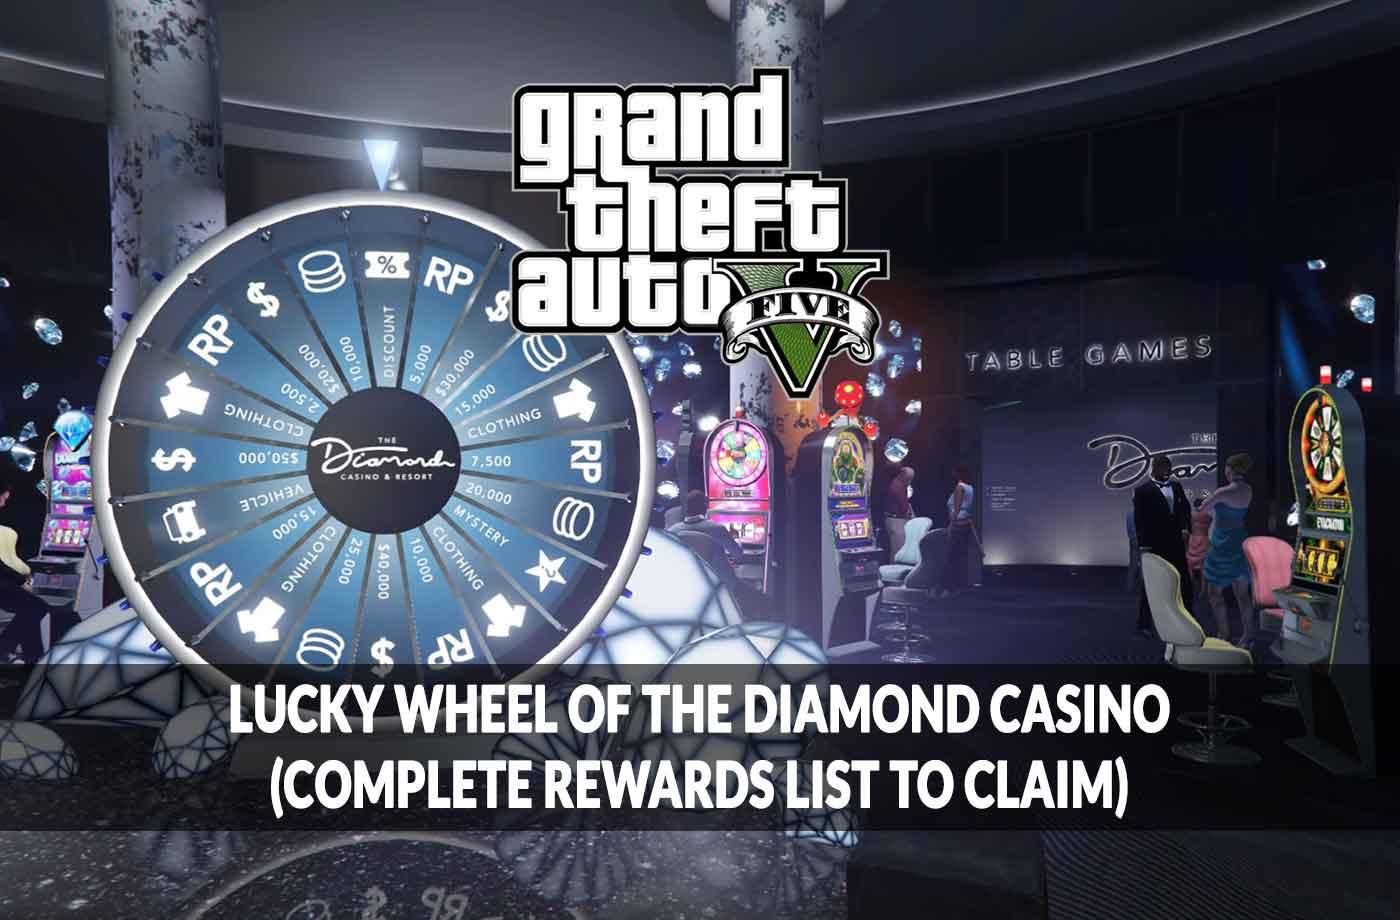 Gta Online Casino Wheel